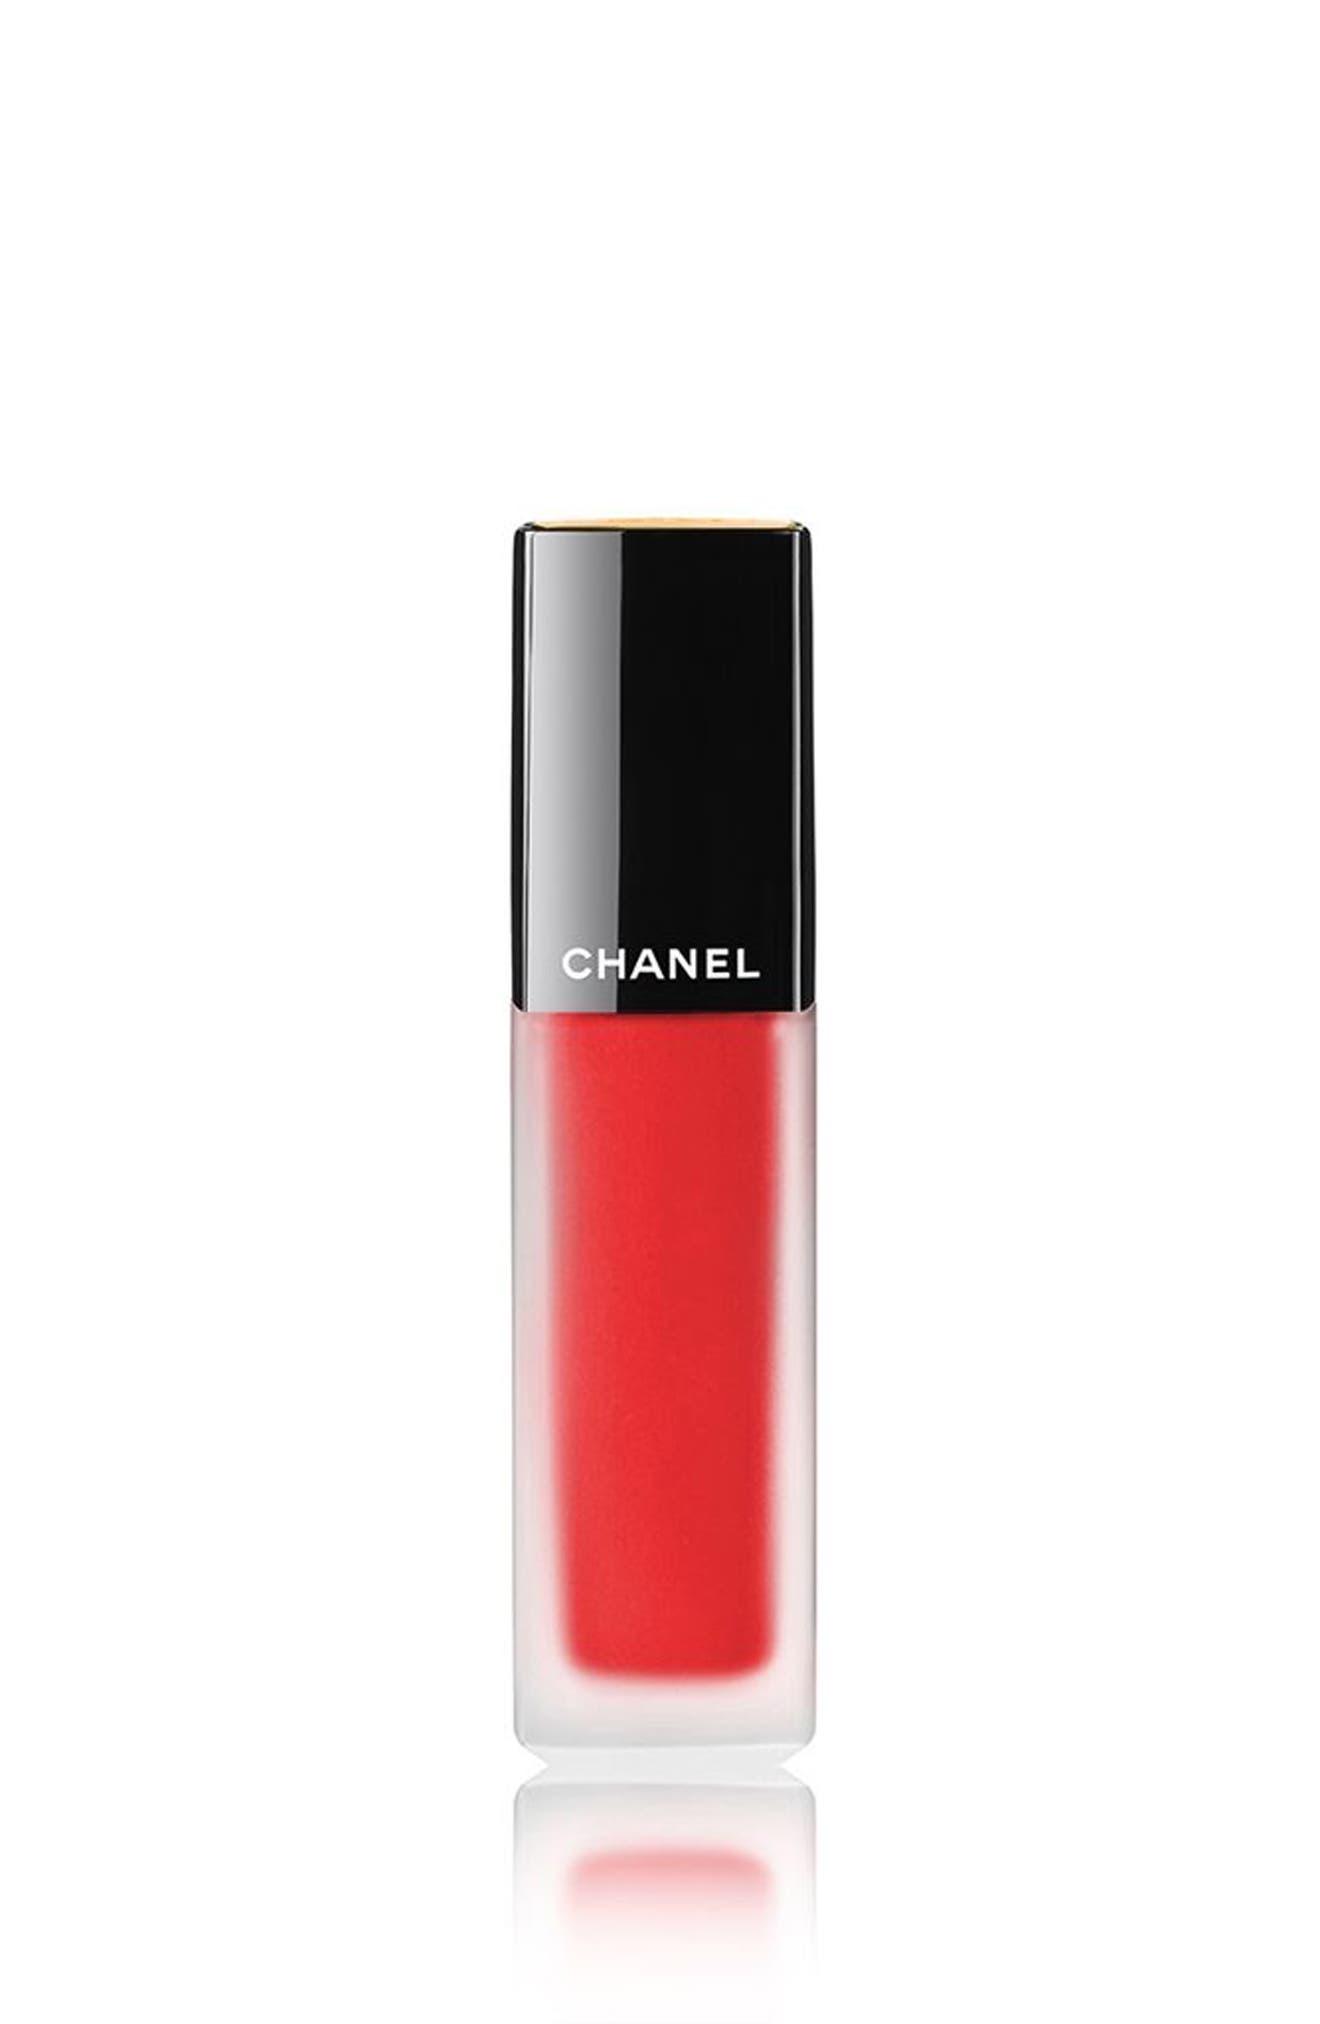 CHANEL ROUGE ALLURE INK Matte Liquid Lip Colour